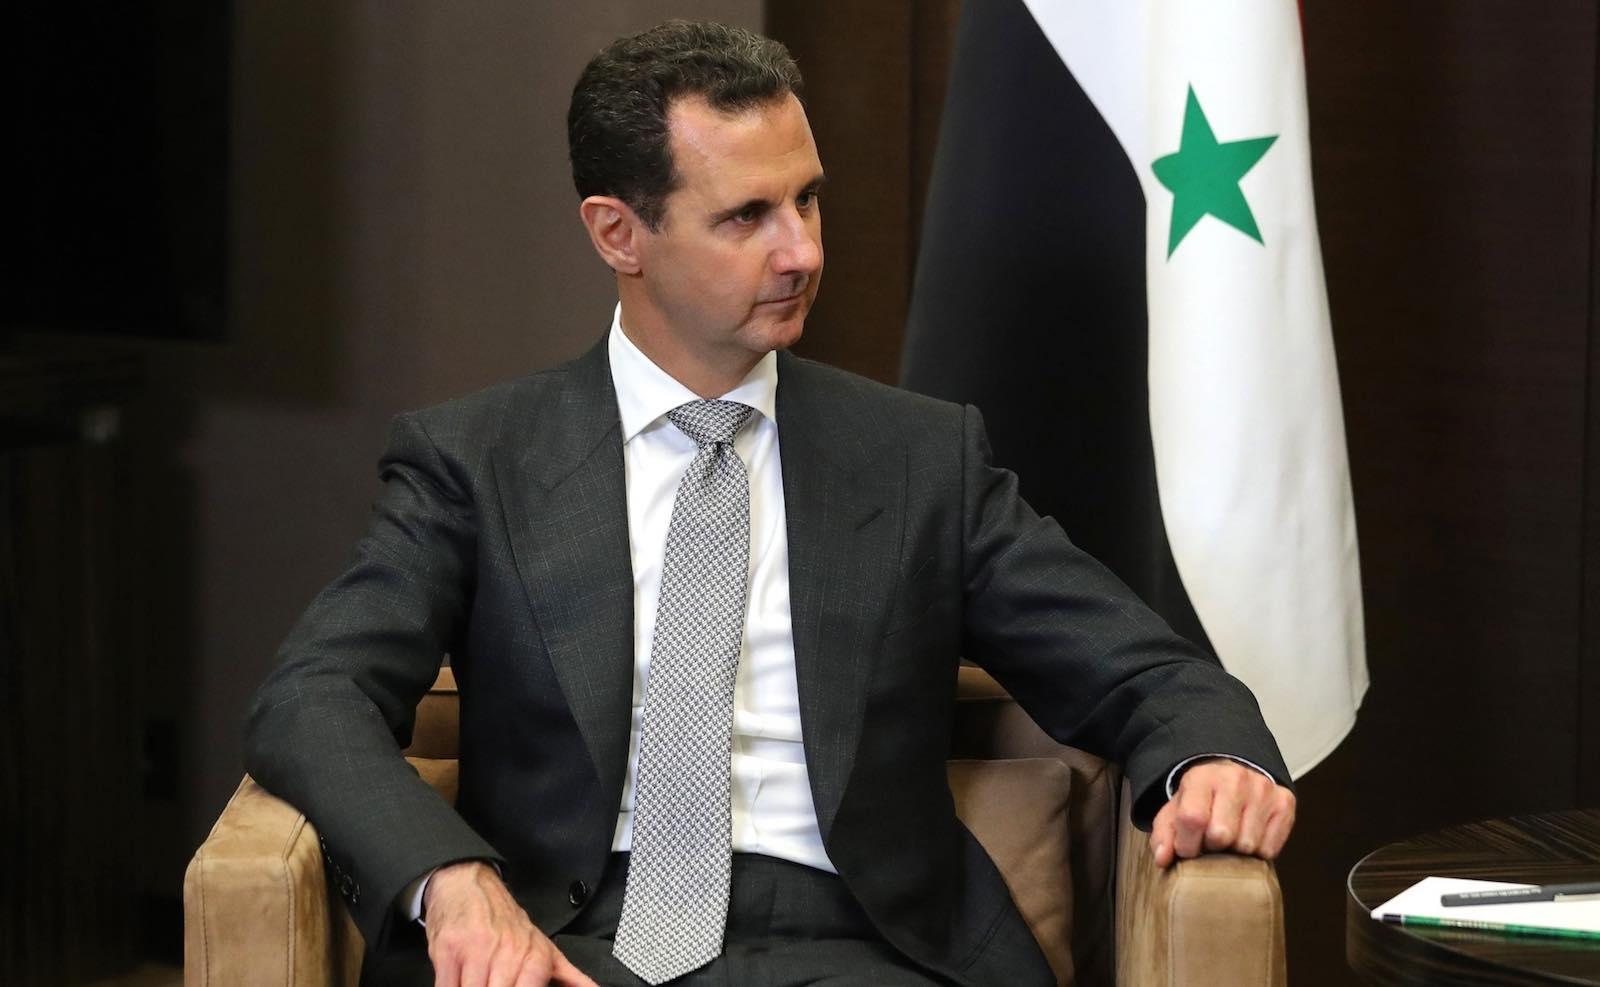 La Siria può rinascere dalle rovine? Il ruolo dei playmaker extraregionali